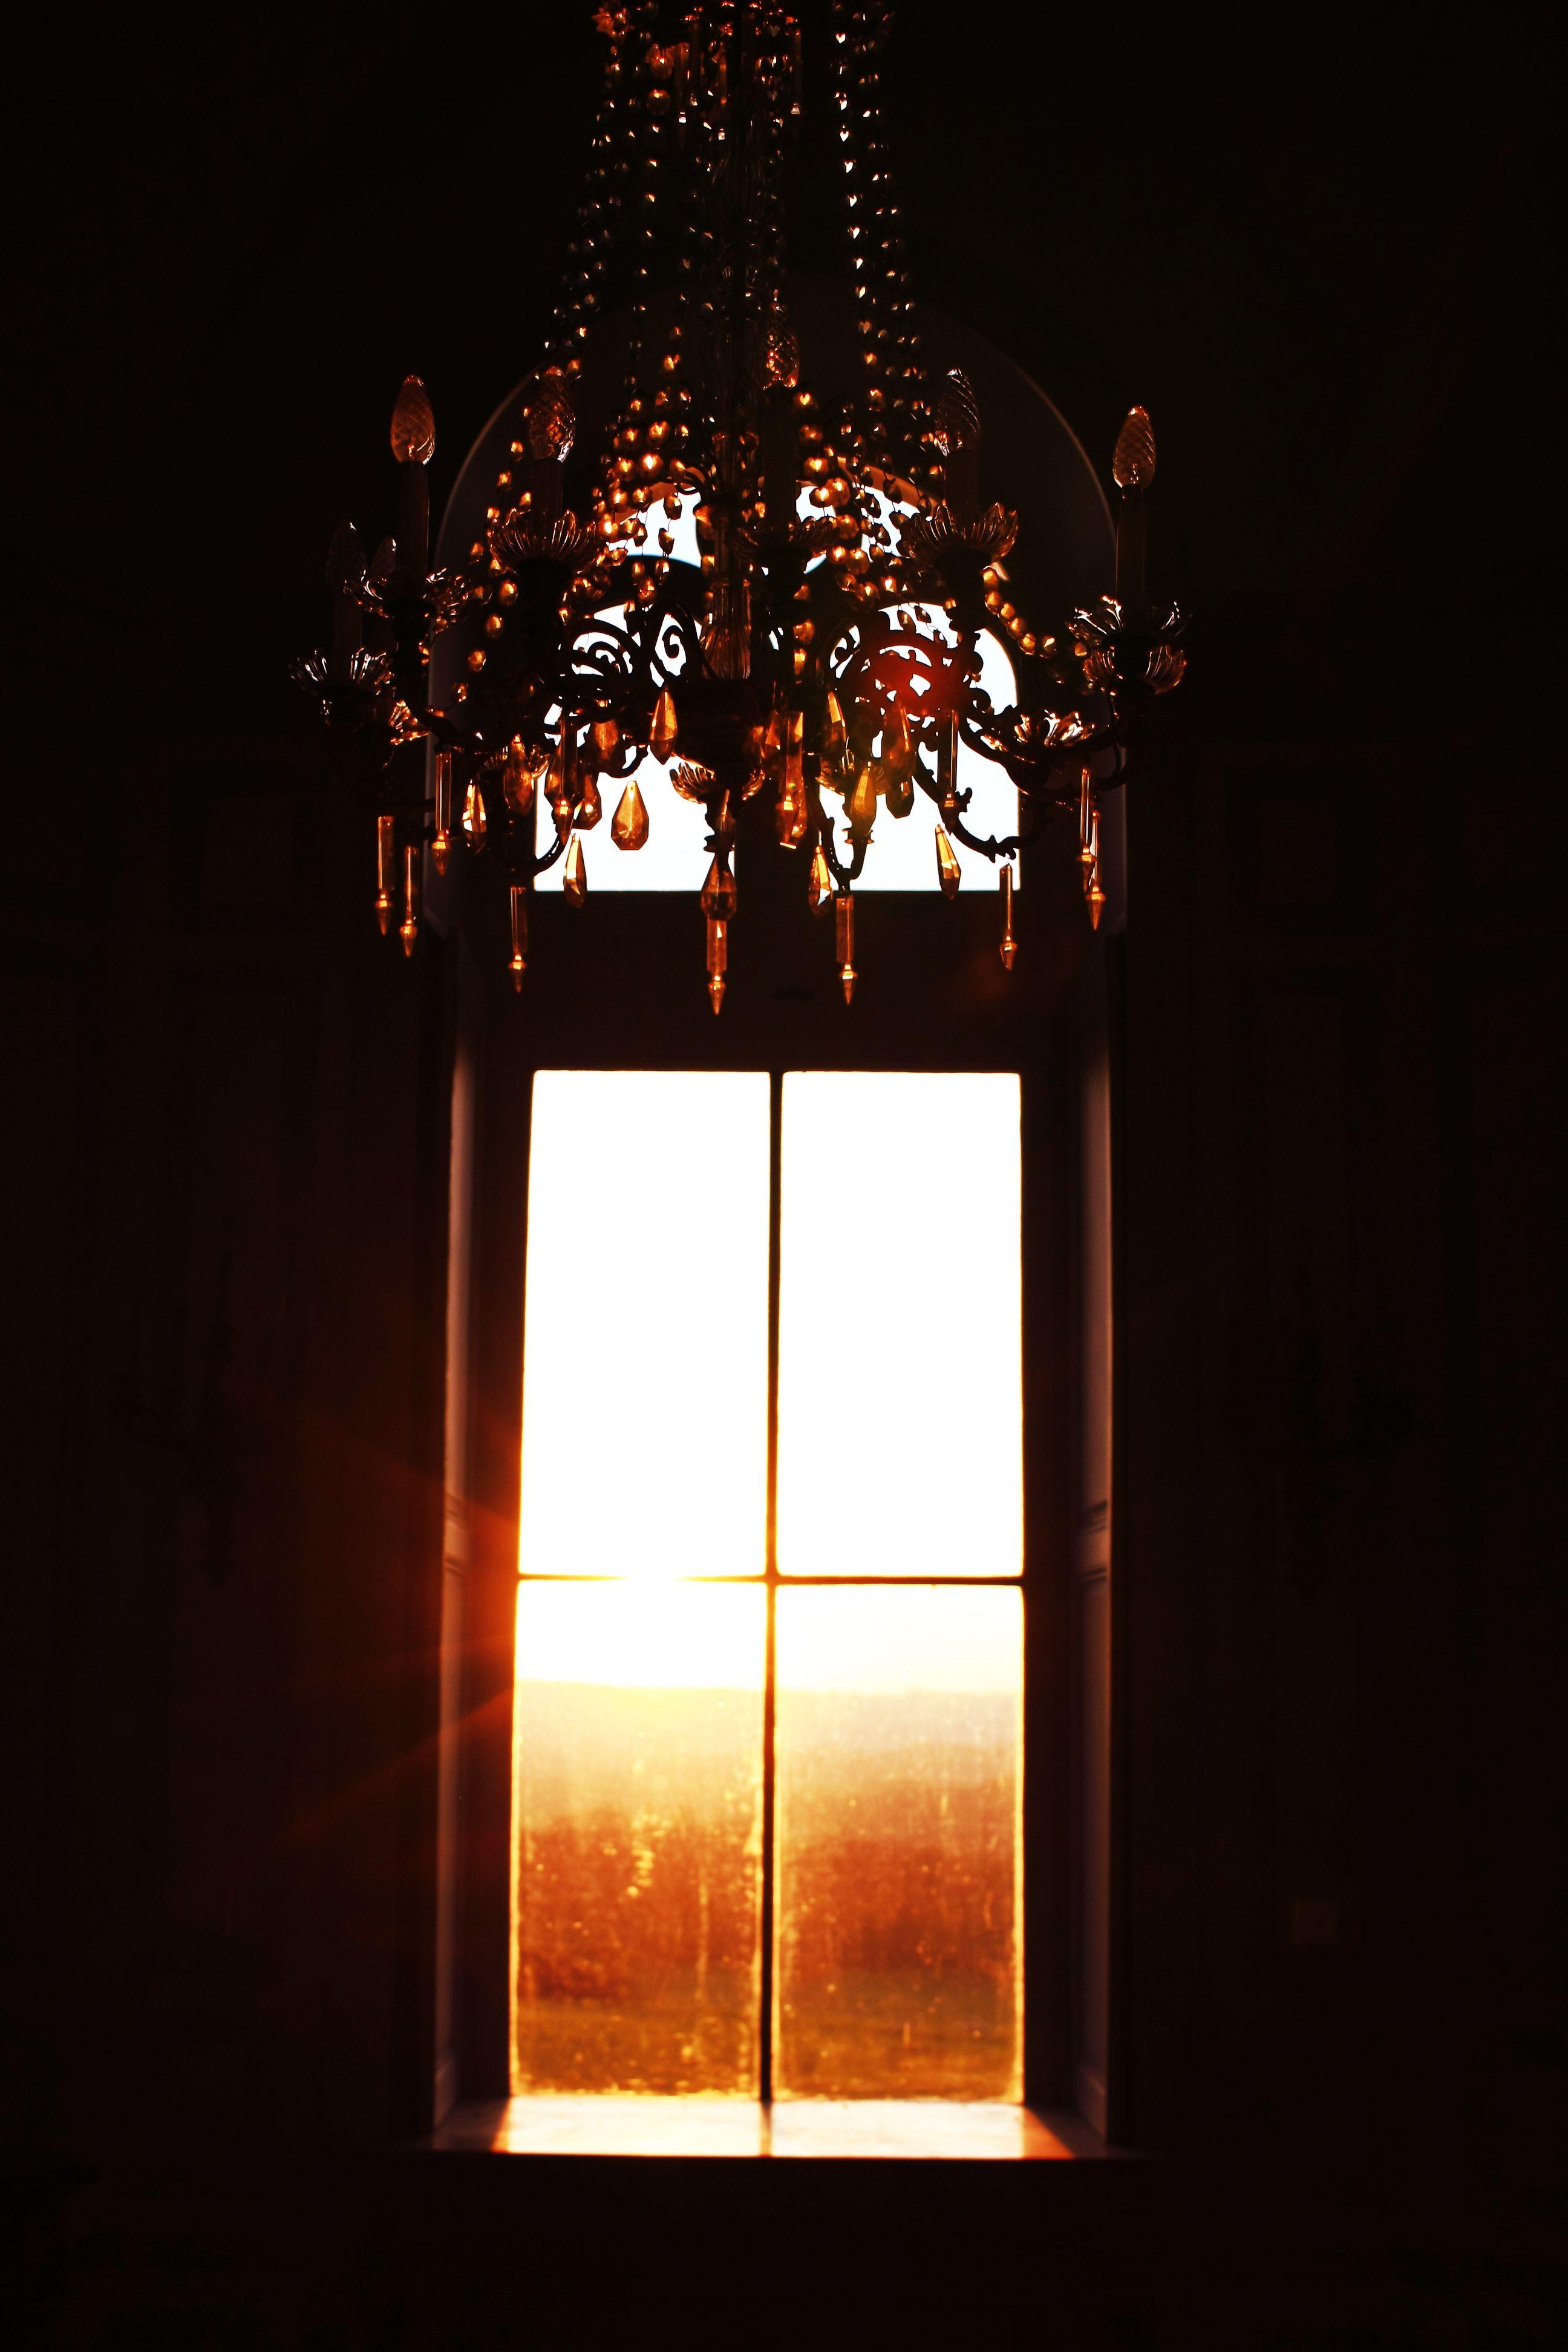 La lumière de la fin du jour